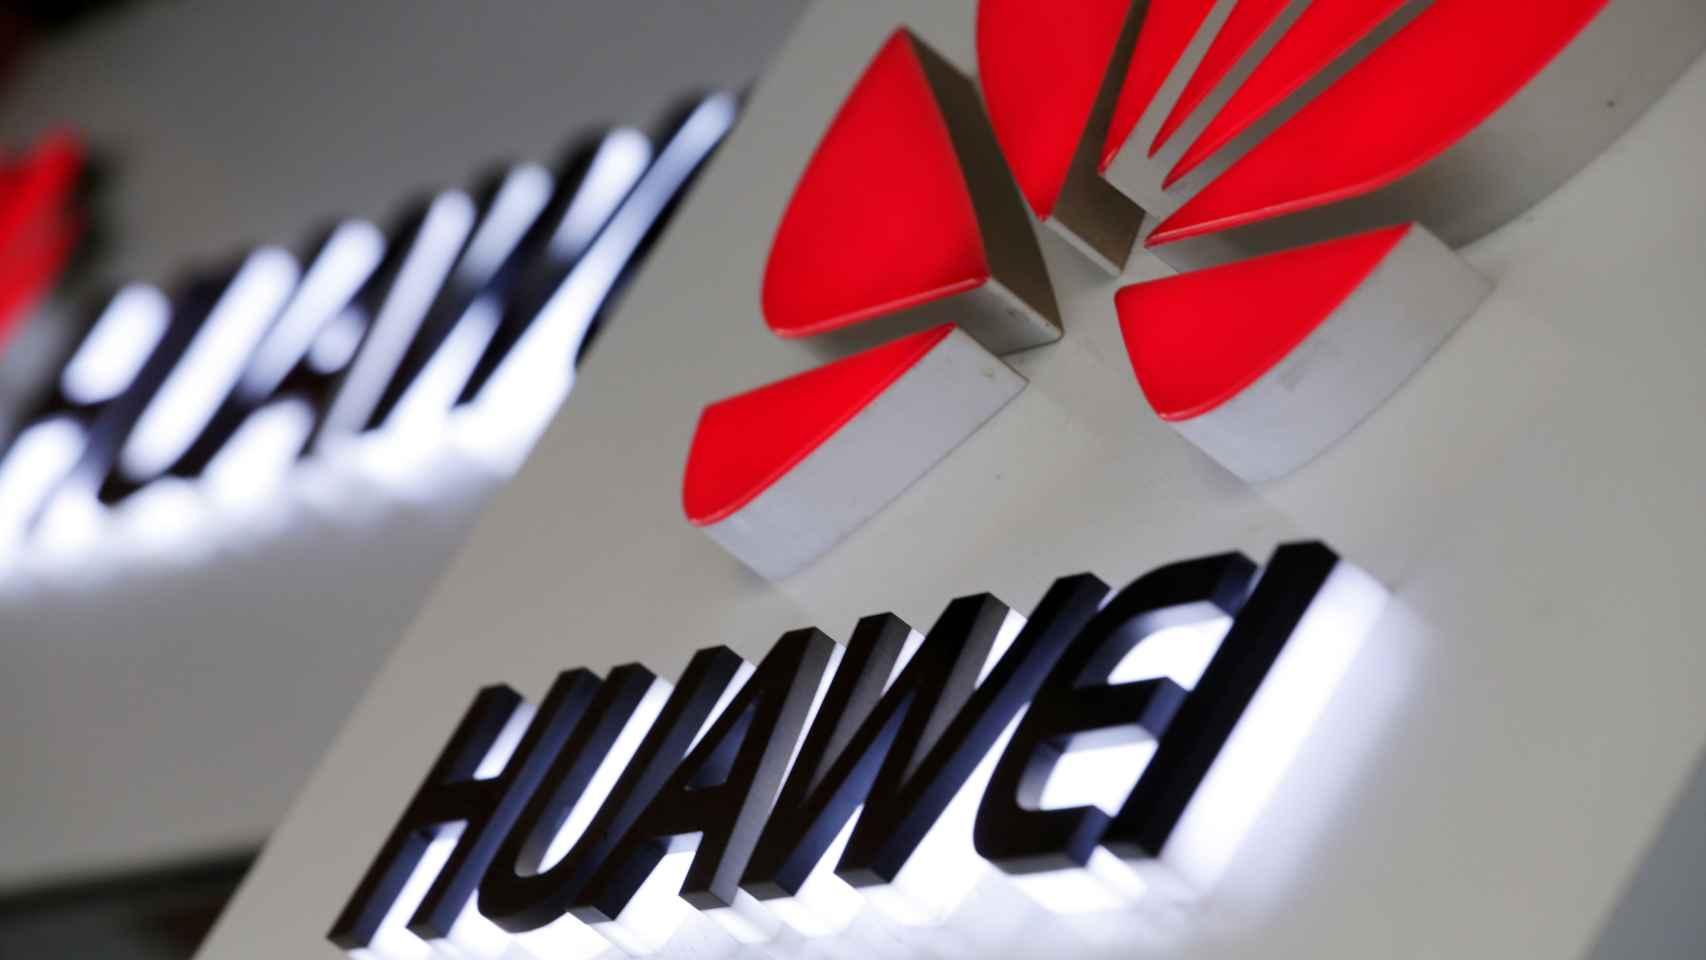 Bruselas rechaza una prohibición total de Huawei como pide EEUU